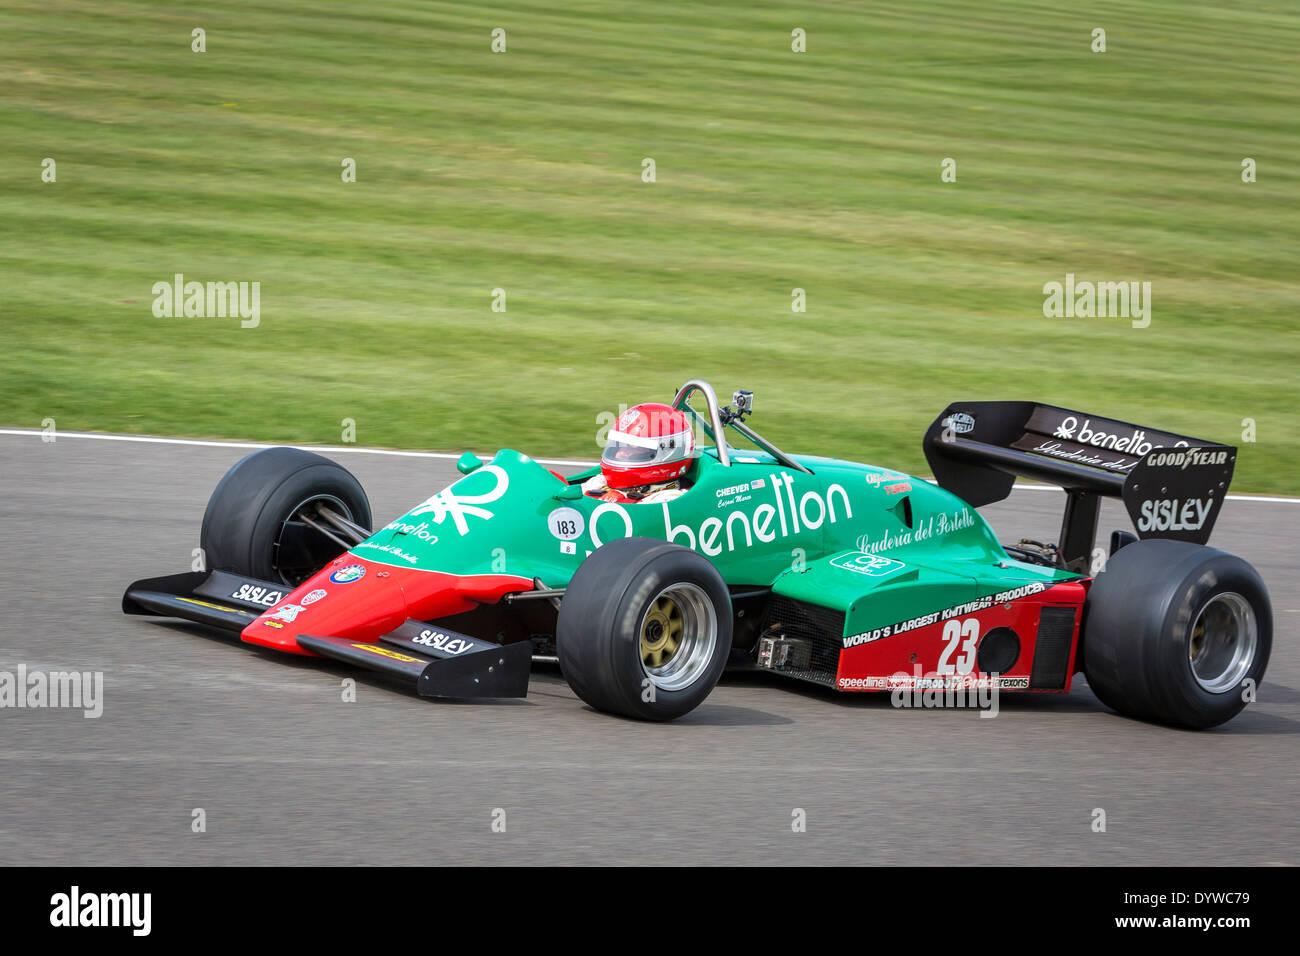 1983 Alfa Romeo 183T avec chauffeur Benetton Marco Cajani à la 72e réunion des membres de Goodwood, Sussex, UK. Photo Stock